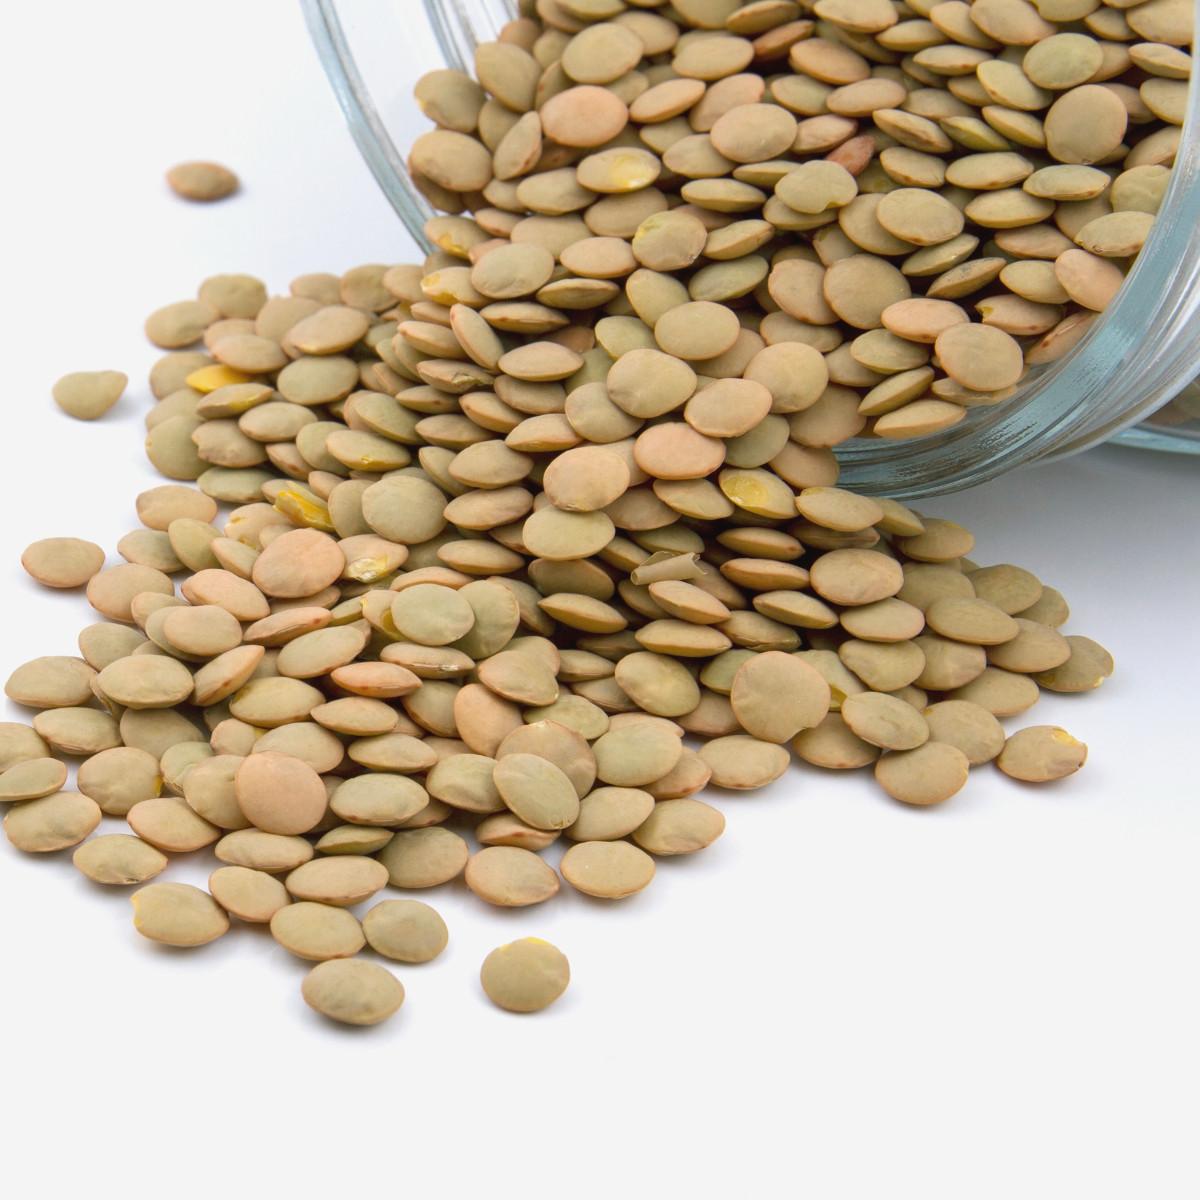 5-alimentos-mais-nutritivos-para-bebes-lentilhas